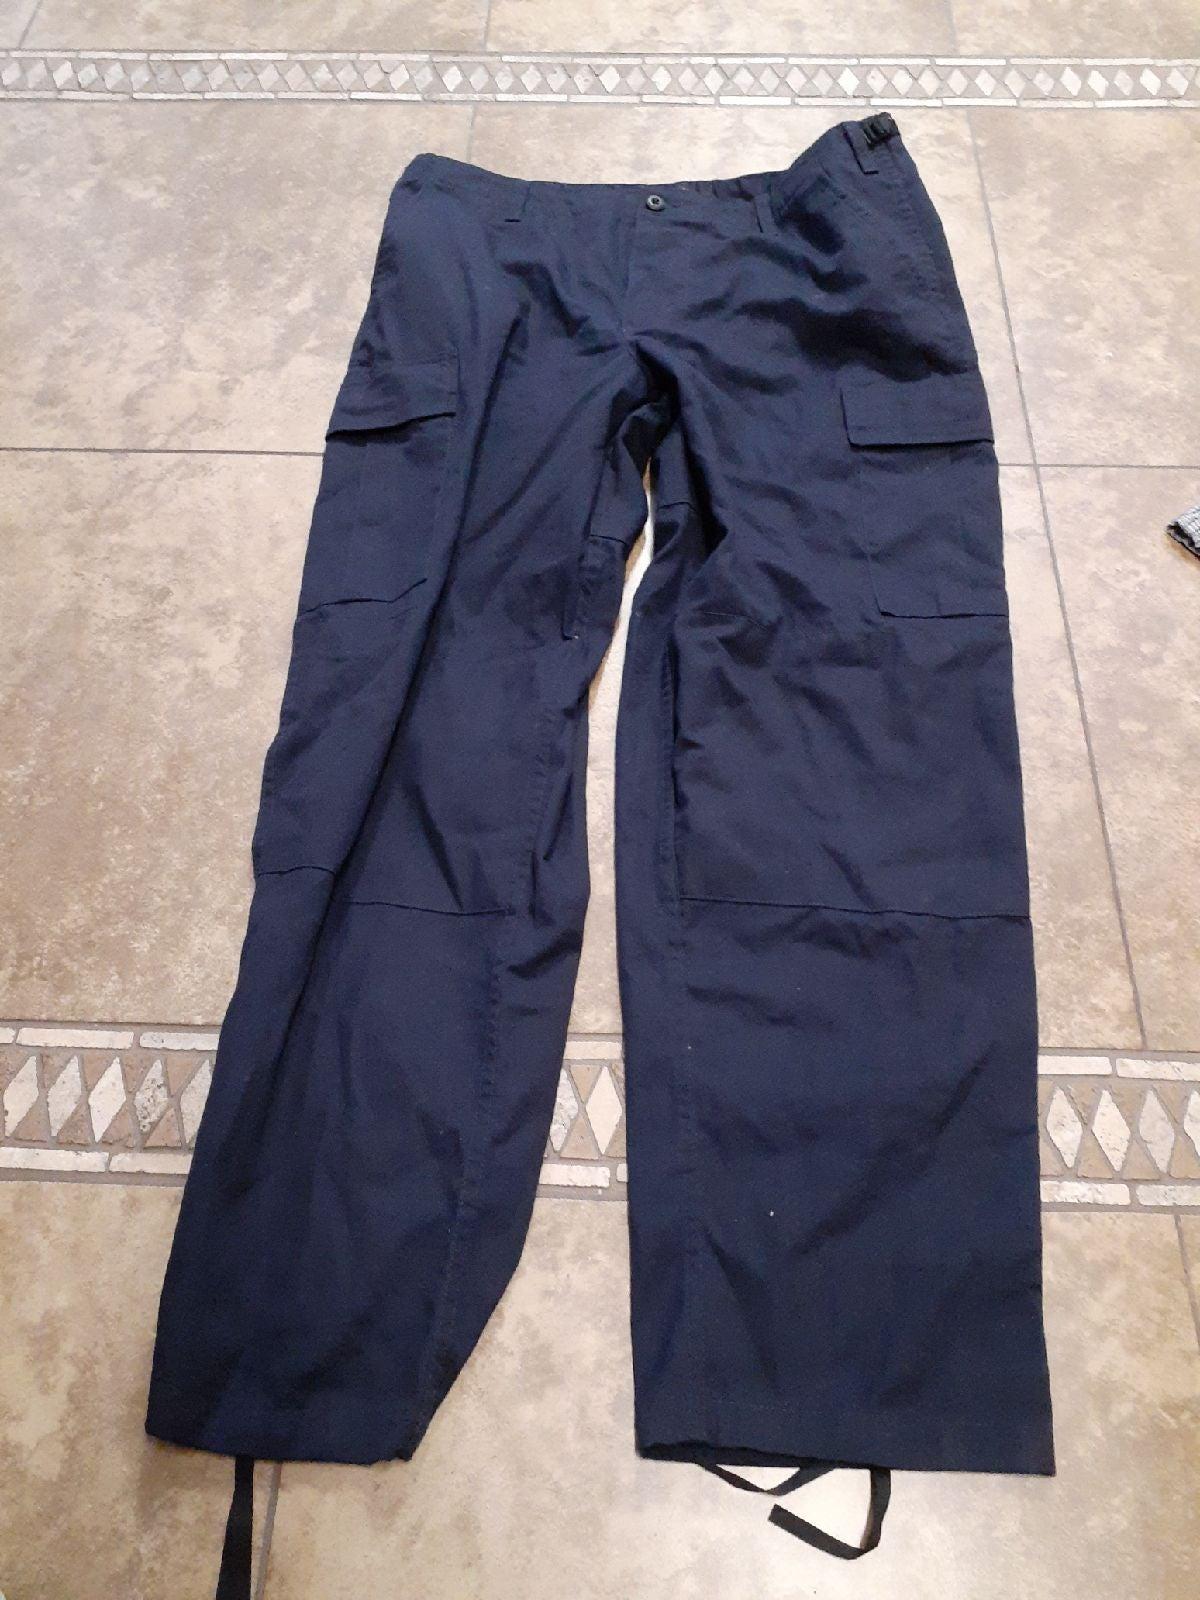 Tru Spec Pants Mens, Size 35in